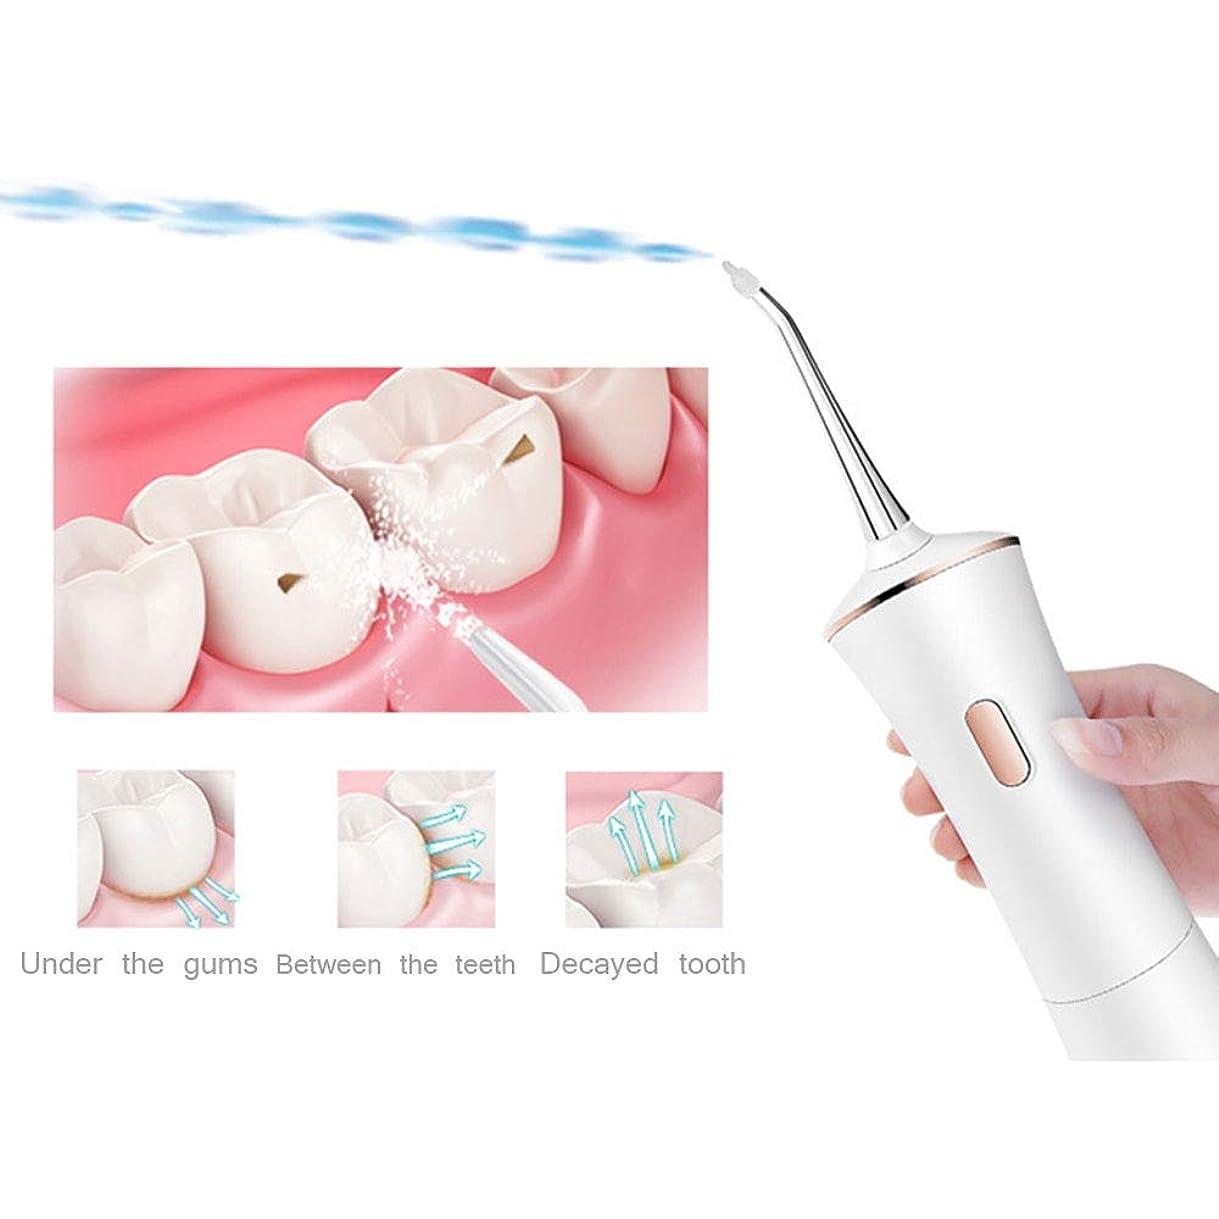 静かなどちらもチャーミング赤い歯 家庭 ポータブル 口腔洗浄器 電気の 歯のクリーナー フラッシャー コードレスウォーターフロッサー アンチリークデザイン